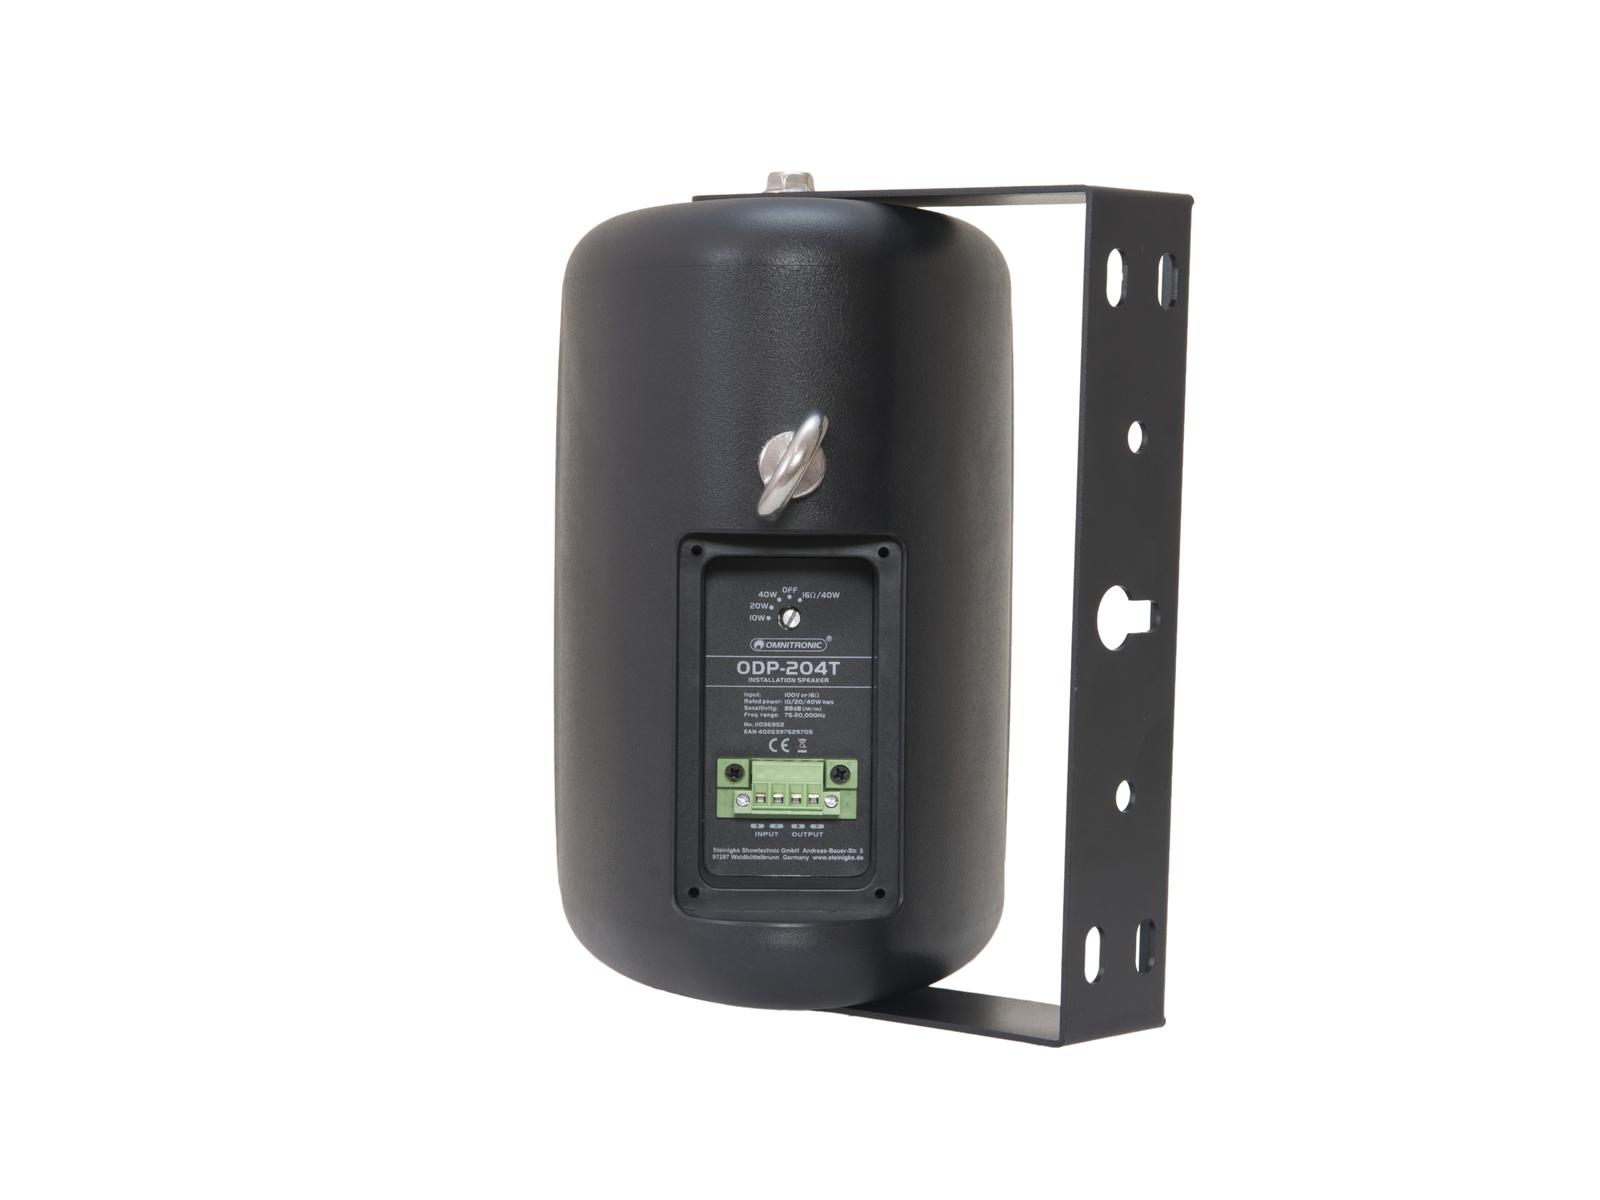 OMNITRONIC ODP-204T Installationslautsprecher 100V schwarz 2x